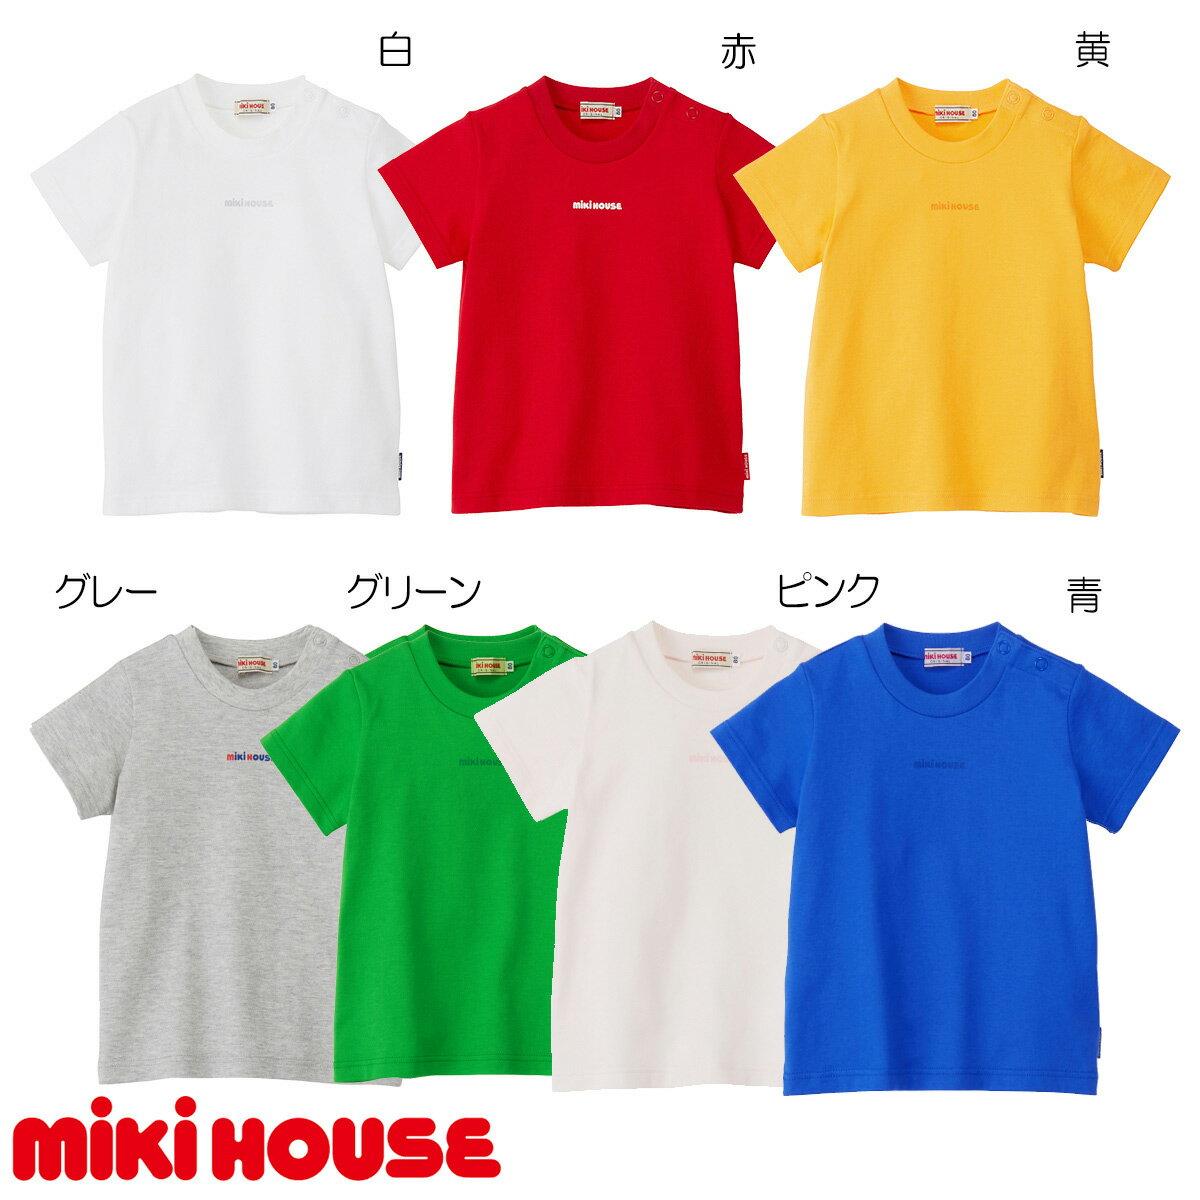 【セール30%OFF】【メール便OK】【MIKIHOUSE ミキハウス】ロゴプリント半袖Tシャツ(80cm-140cm)